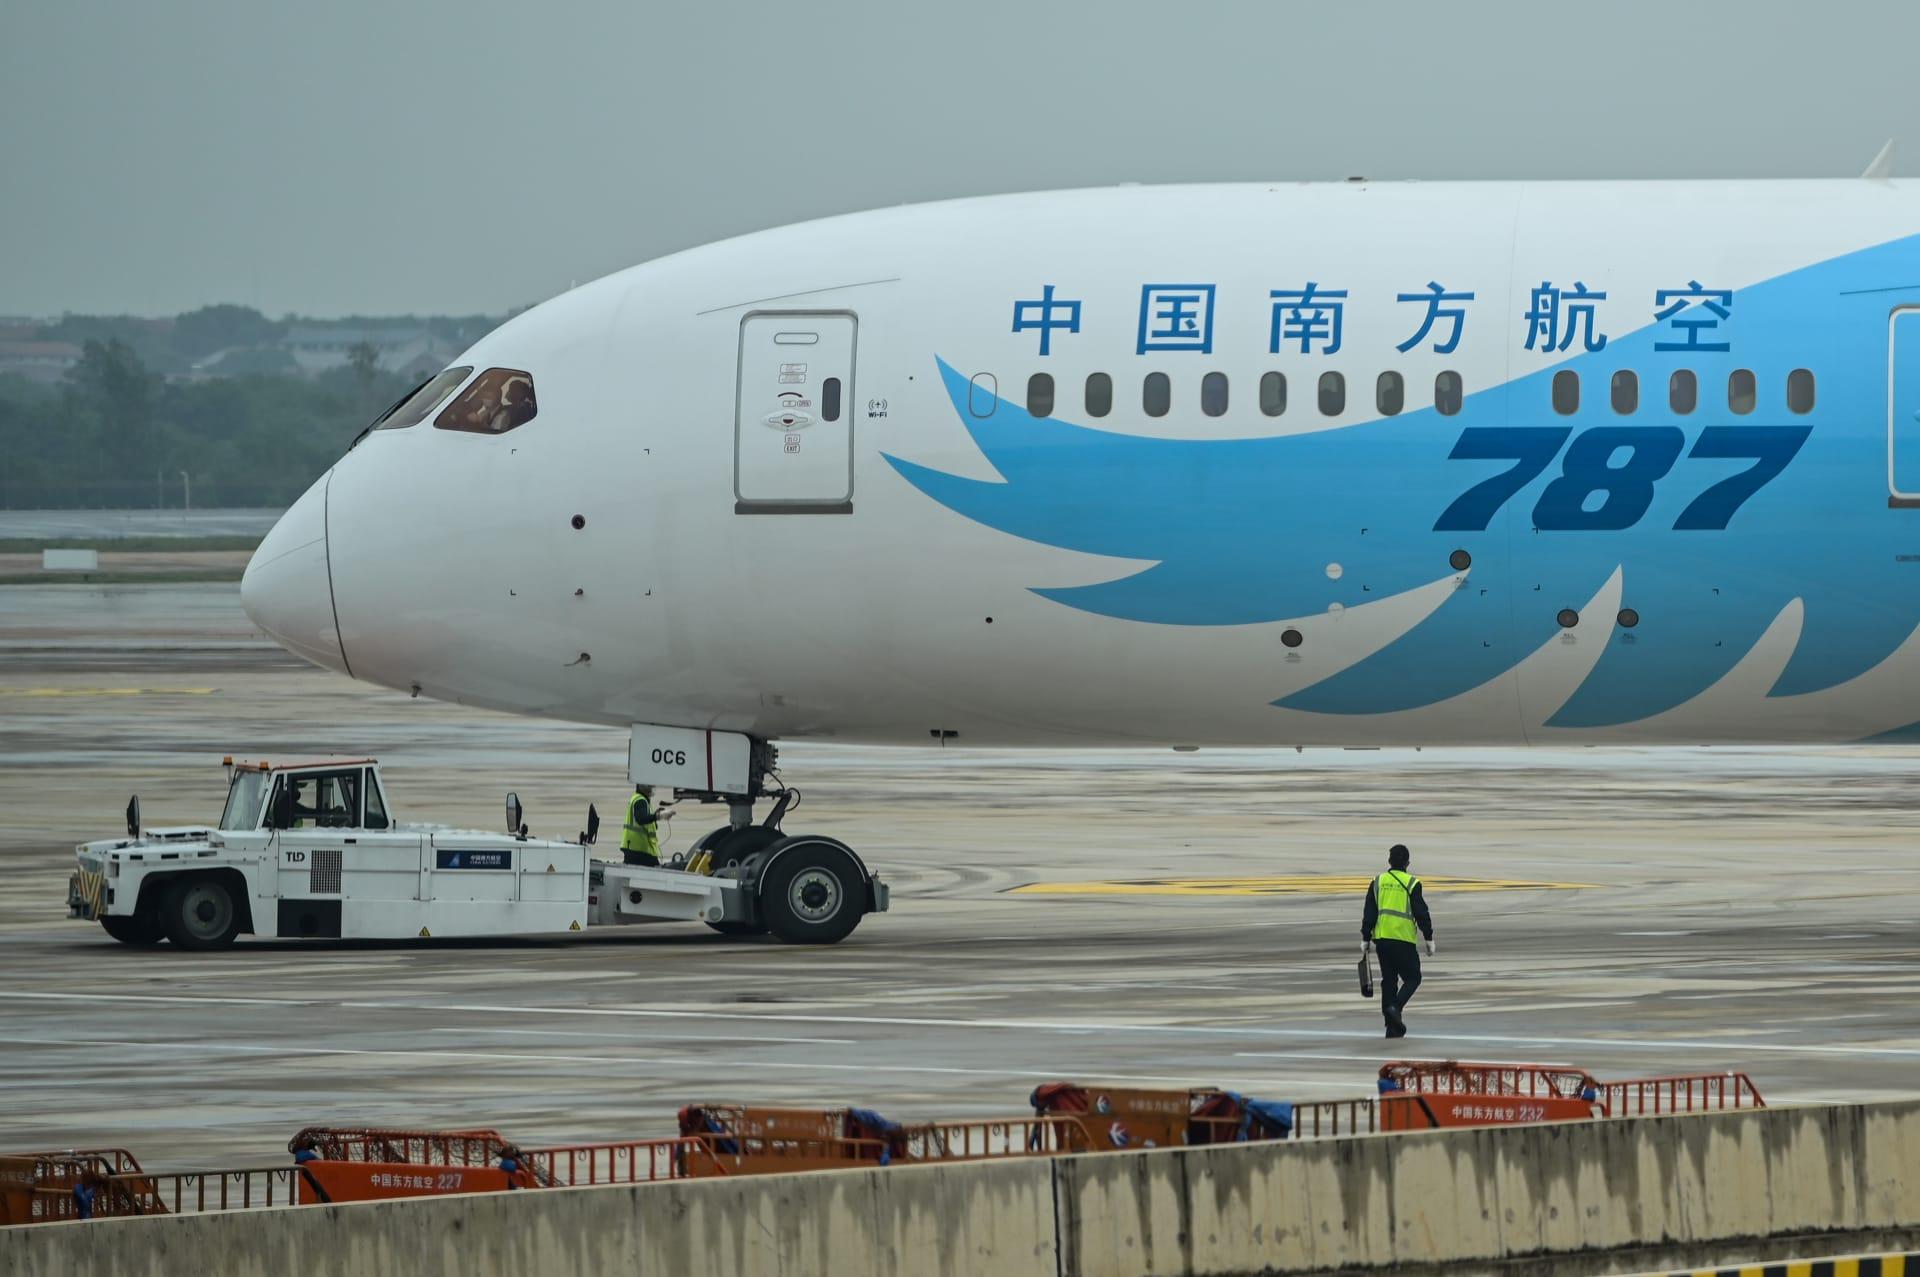 طائرة ركاب من طراز بوينغ 787 في مطار مدينة ووهان الصينية